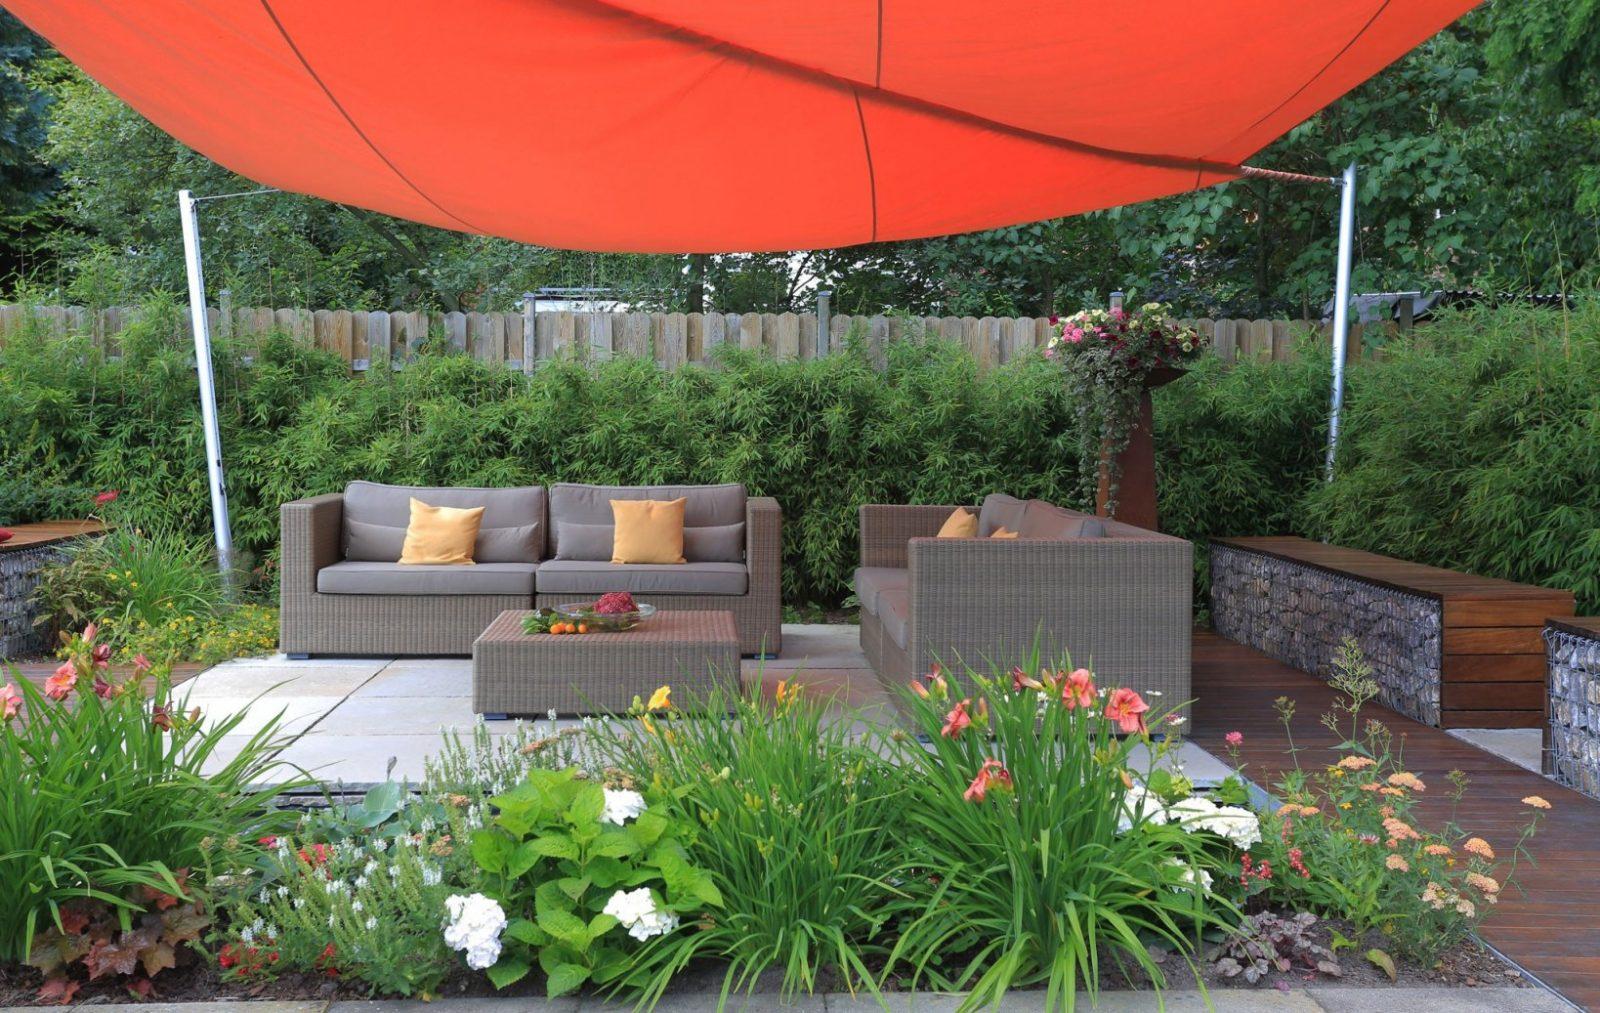 Kleiner Garten Ideen Wunderschön Gartengestaltung Kleiner Garten von Gartengestaltung Kleiner Garten Reihenhaus Bild